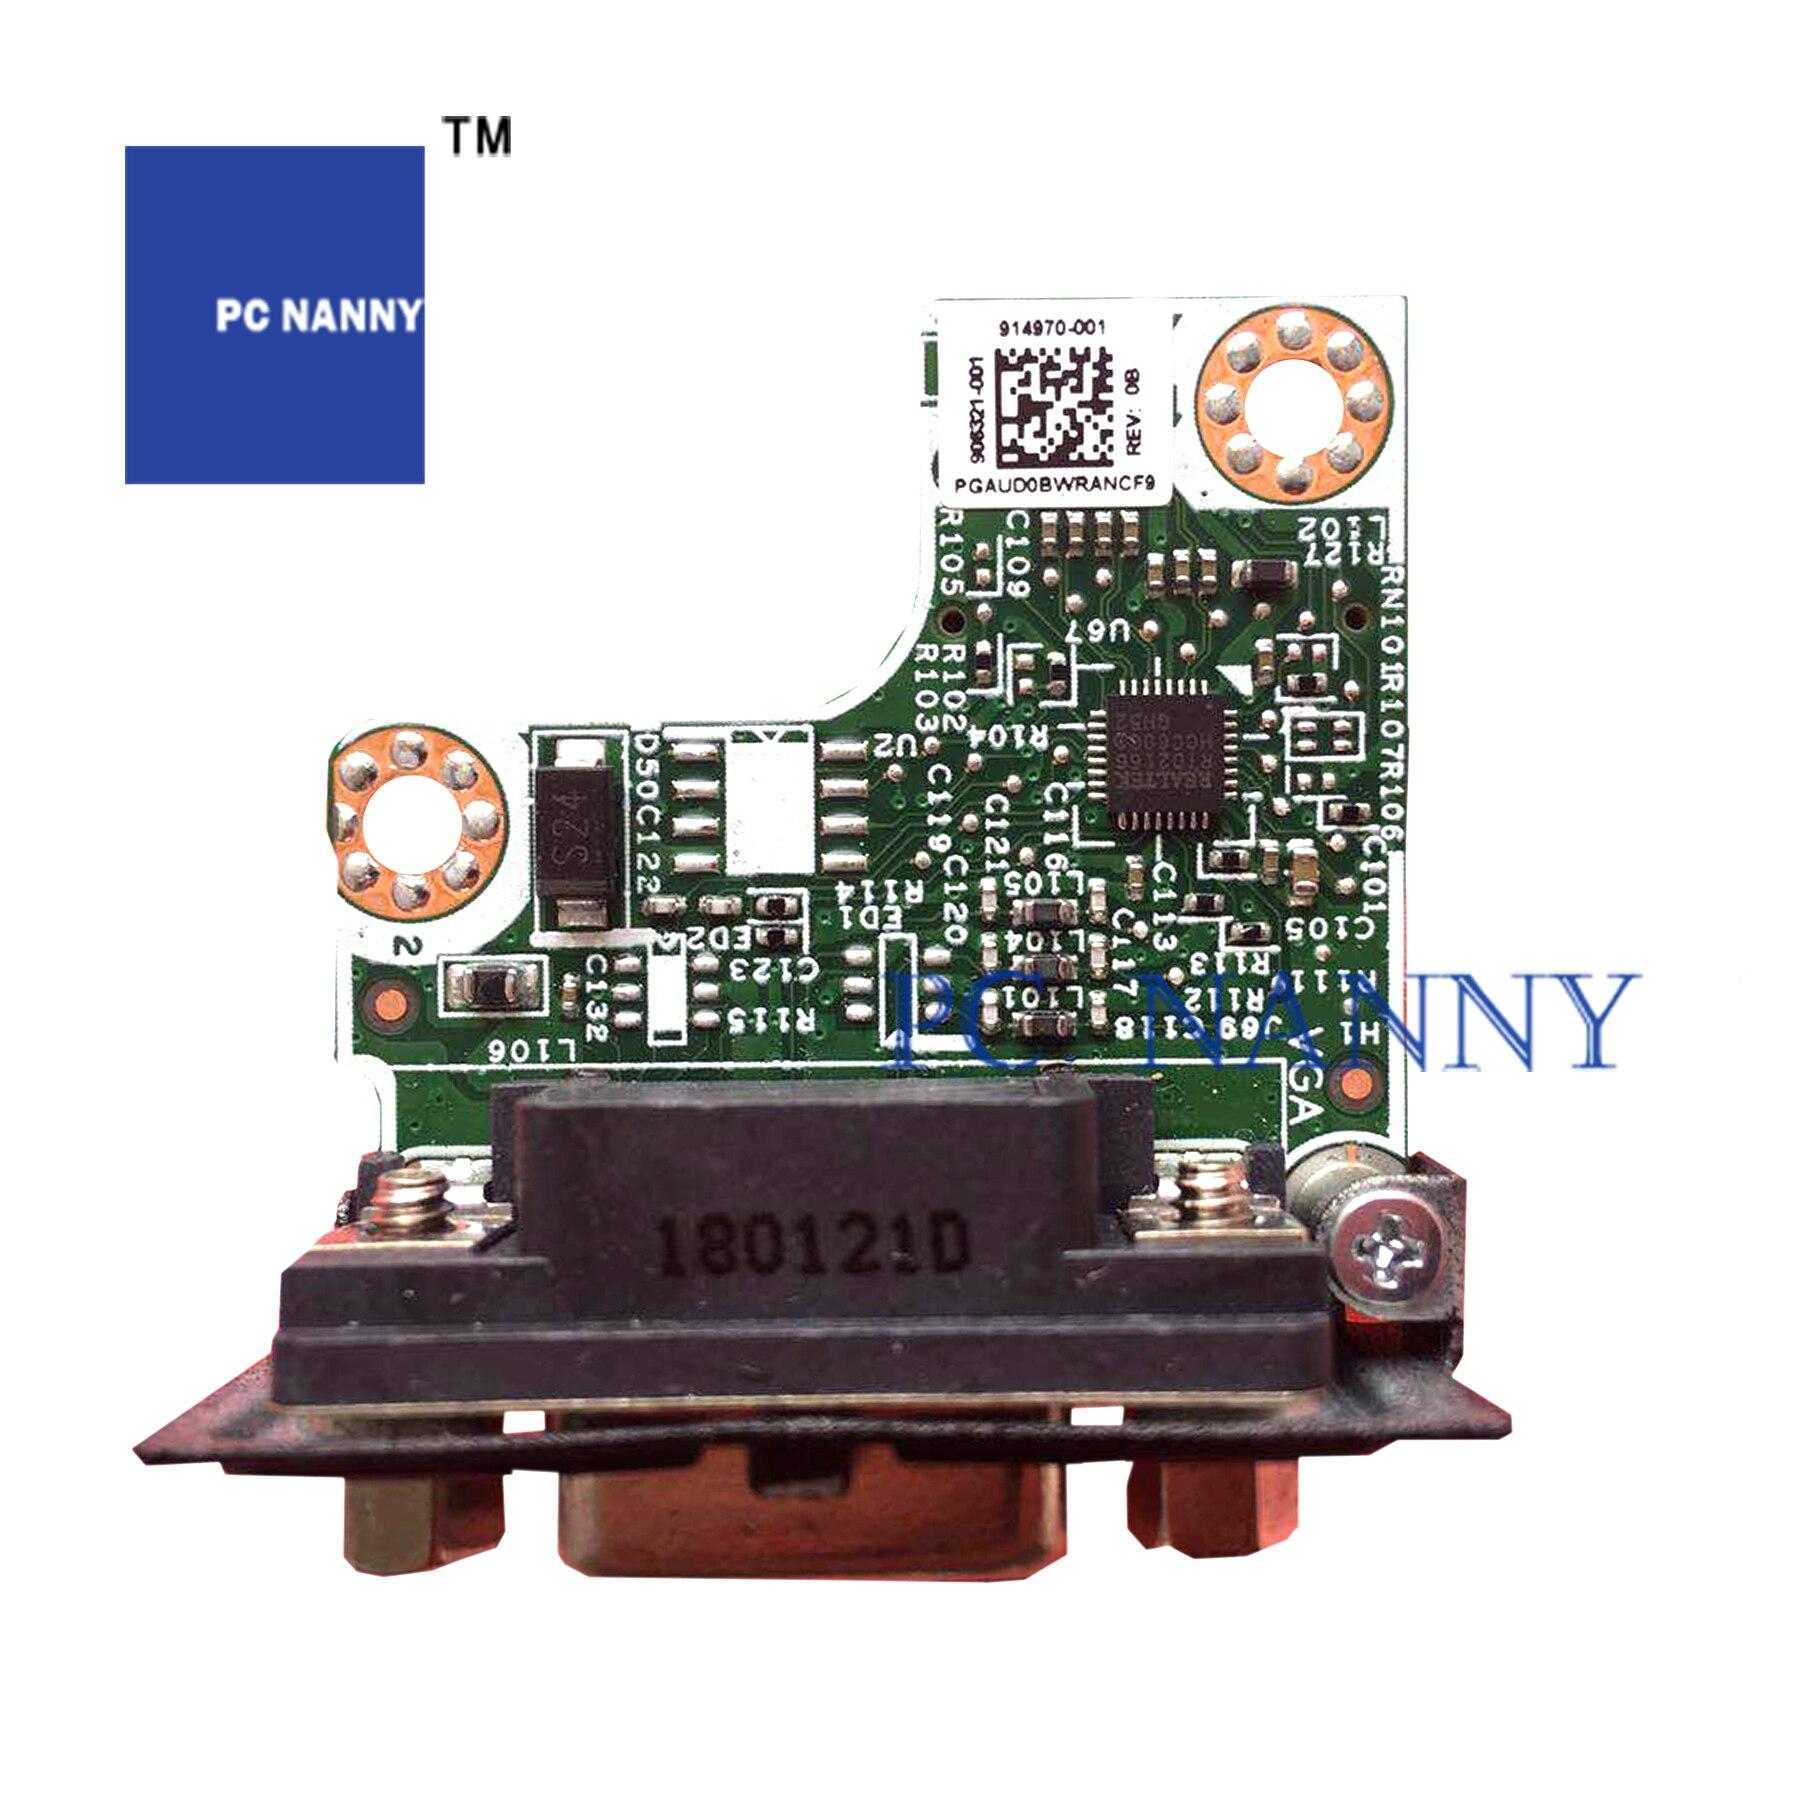 PCNANNY para HP ProDesk 600 G3 VGA opción Junta VOLANS 906321-001 hdd drive 350.06N04 0011